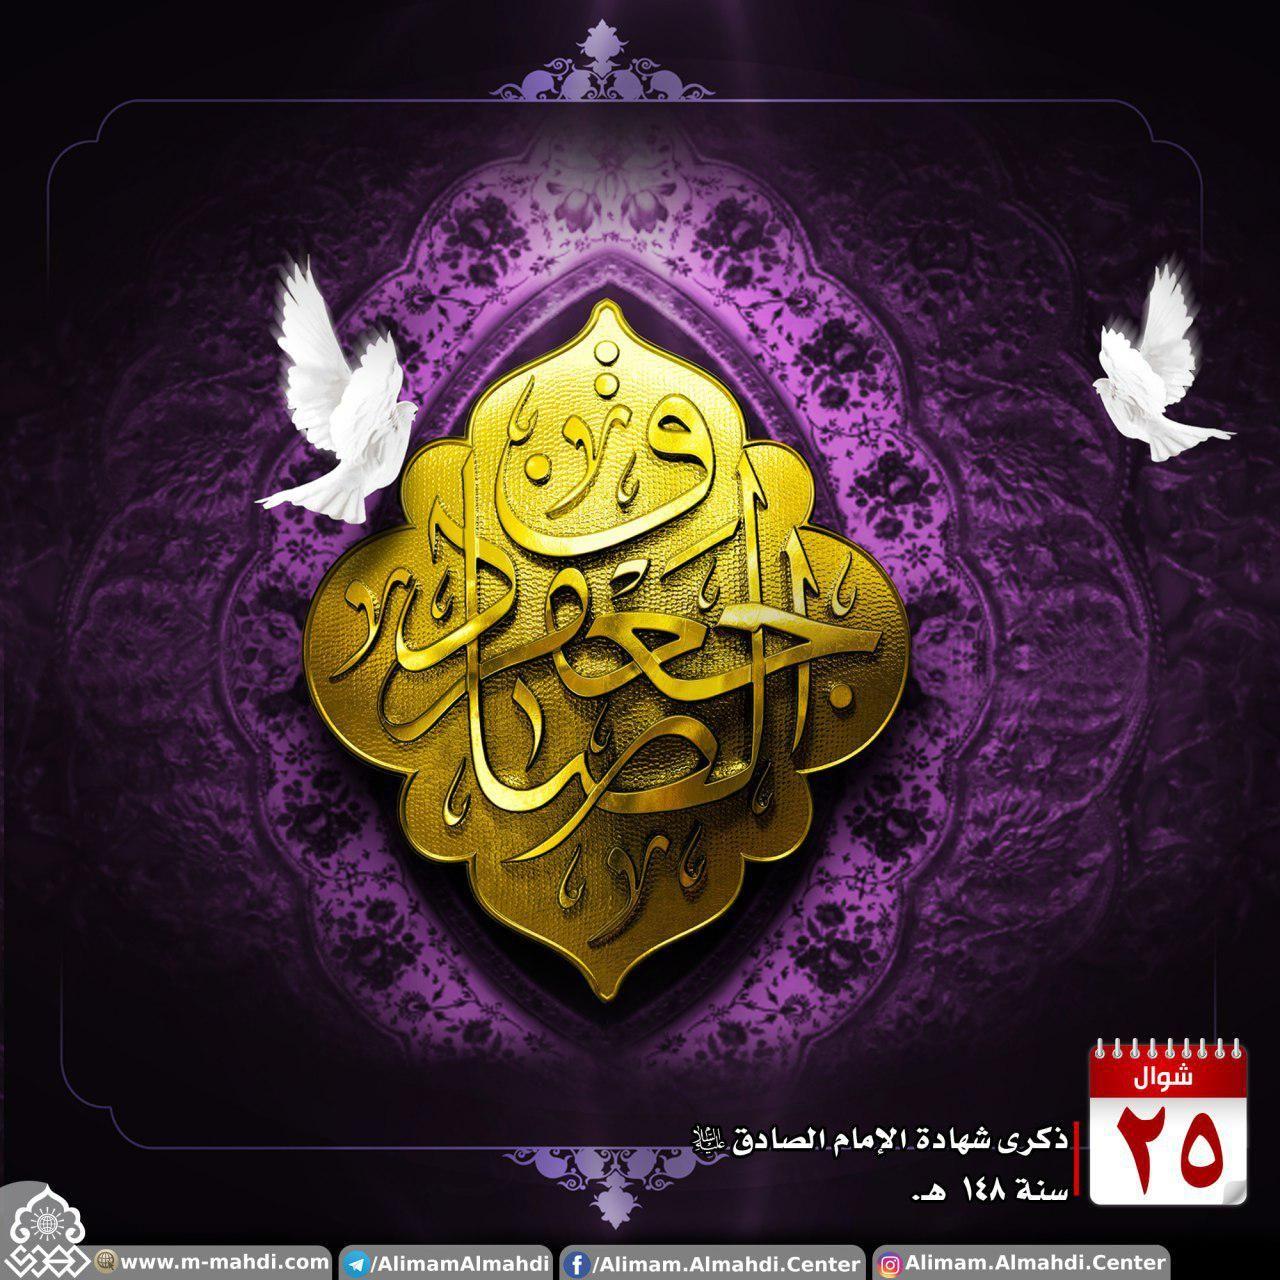 ذكرى إستشهاد الامام الصادق عليه السلام Arabic Calligraphy Art Calligraphy Art Art